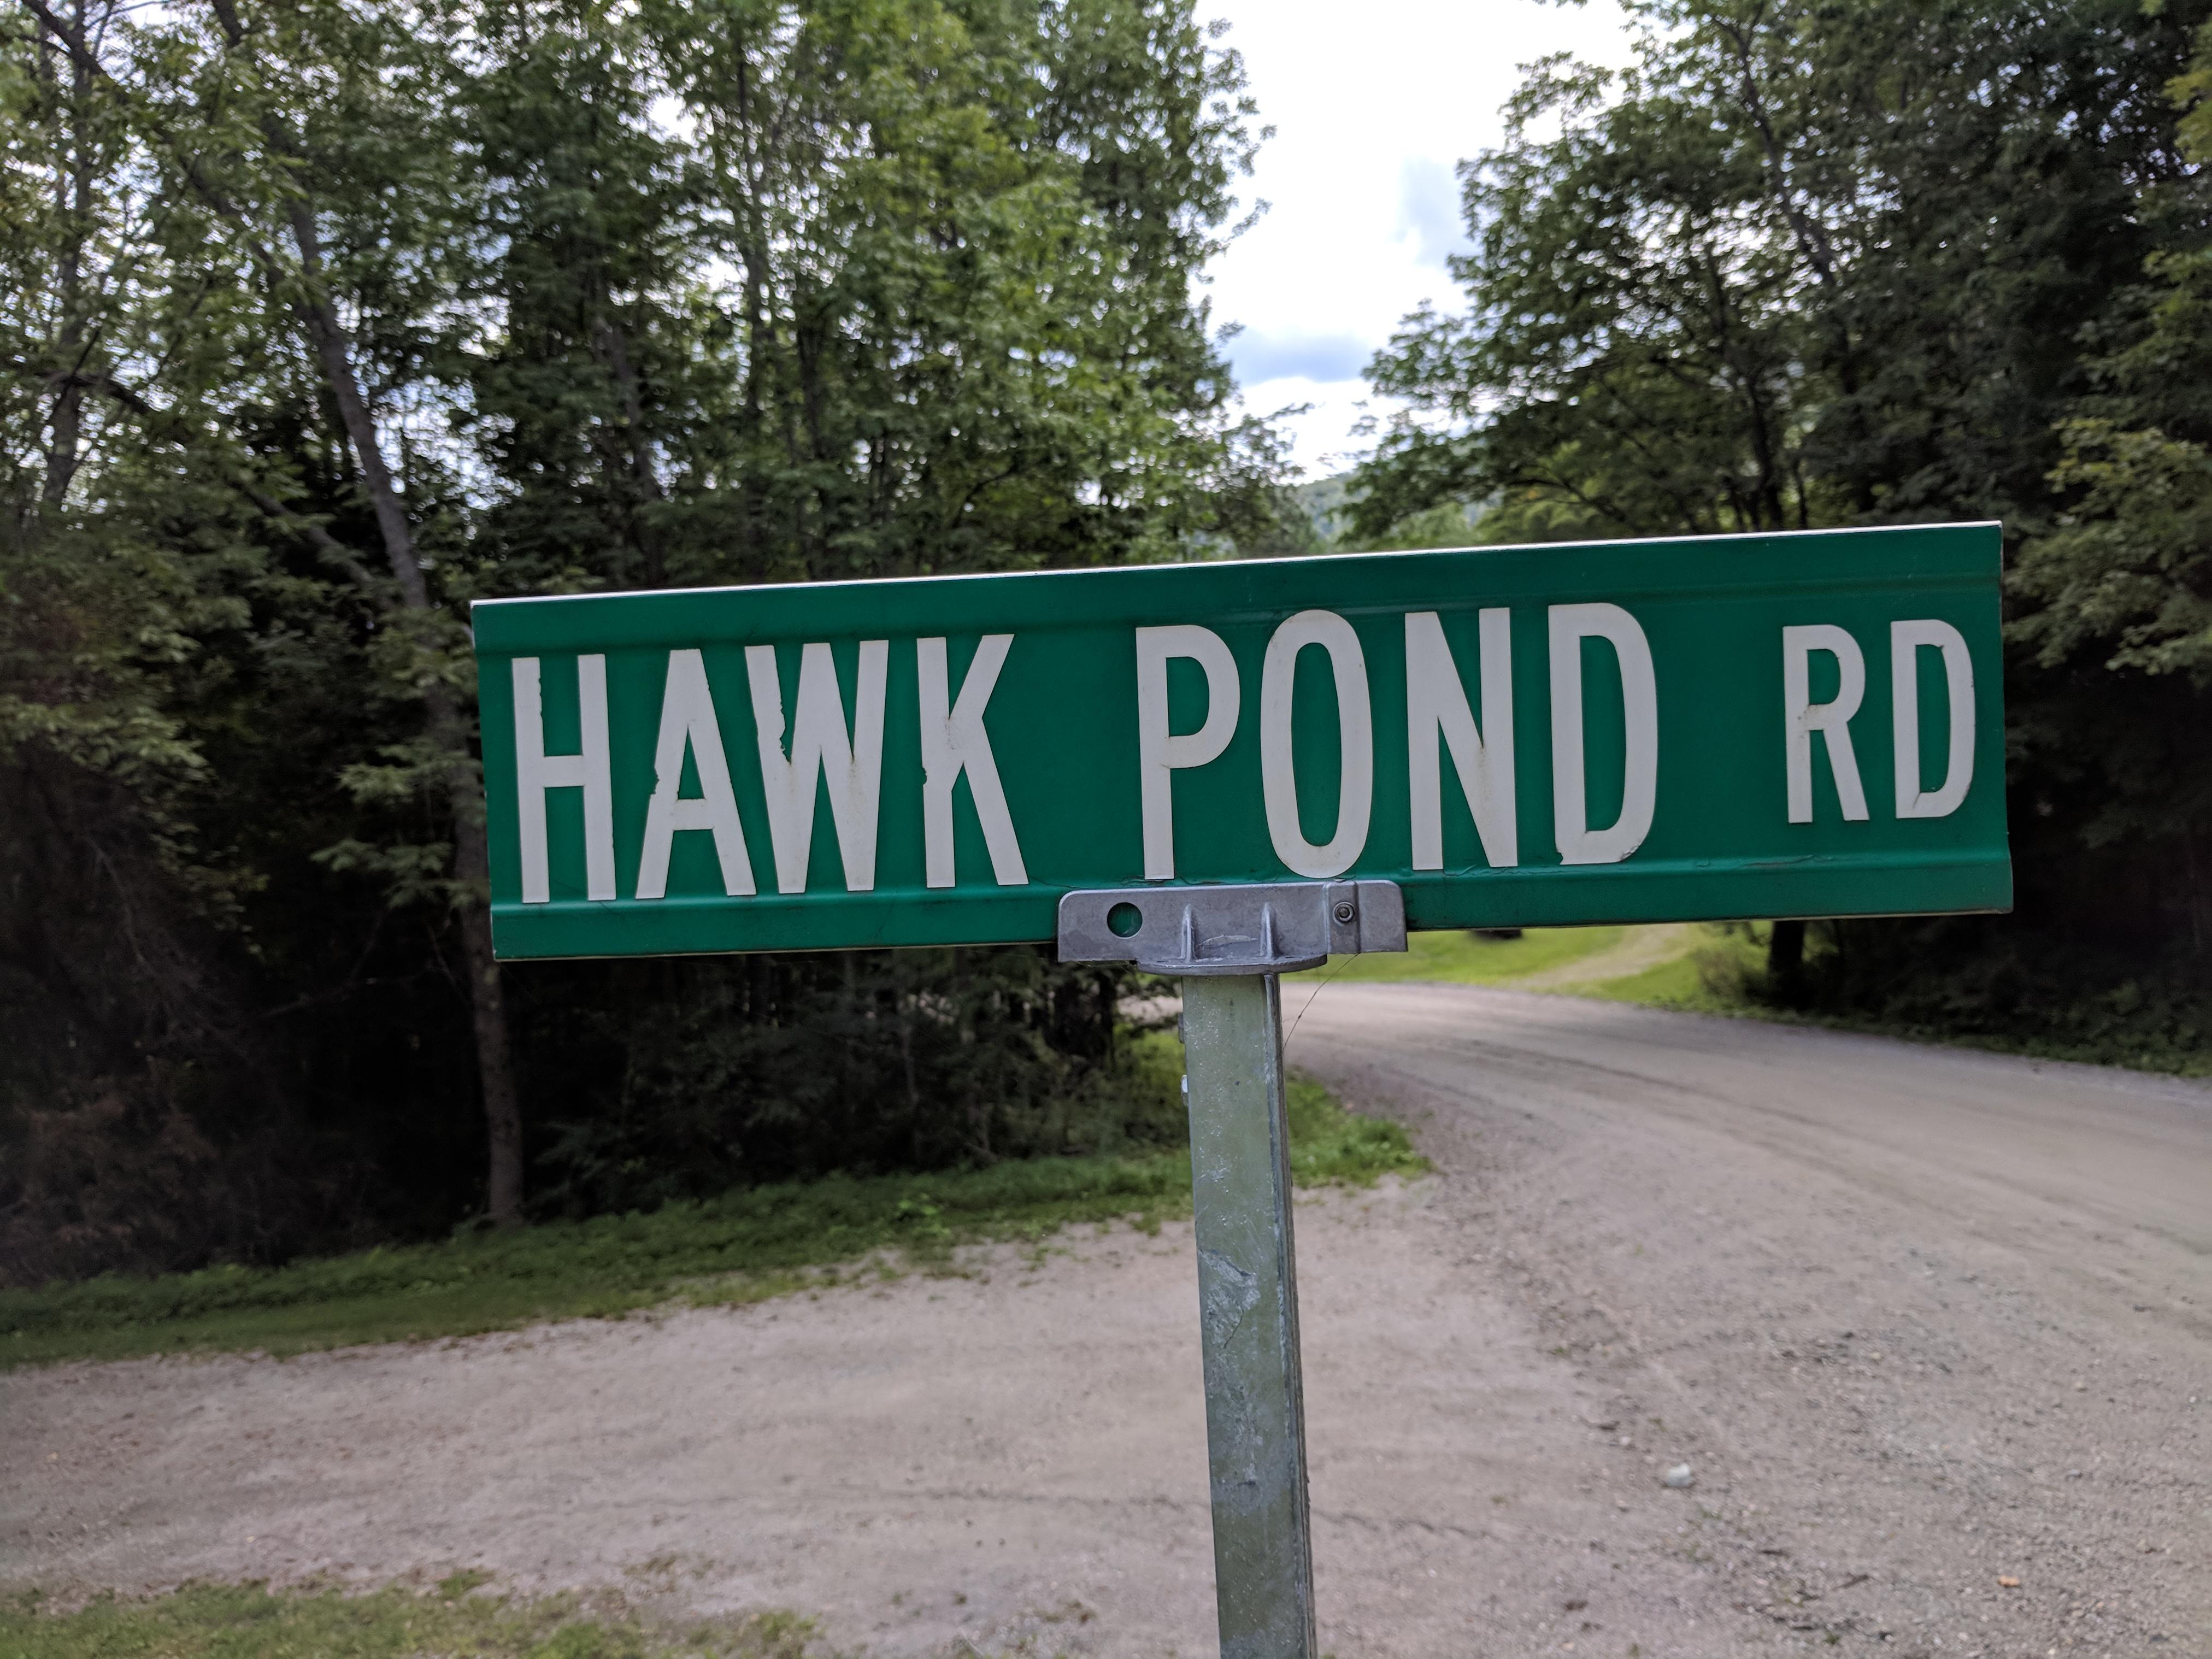 Hawk Pond Rd at Hawk Mountain Pittsfield VT